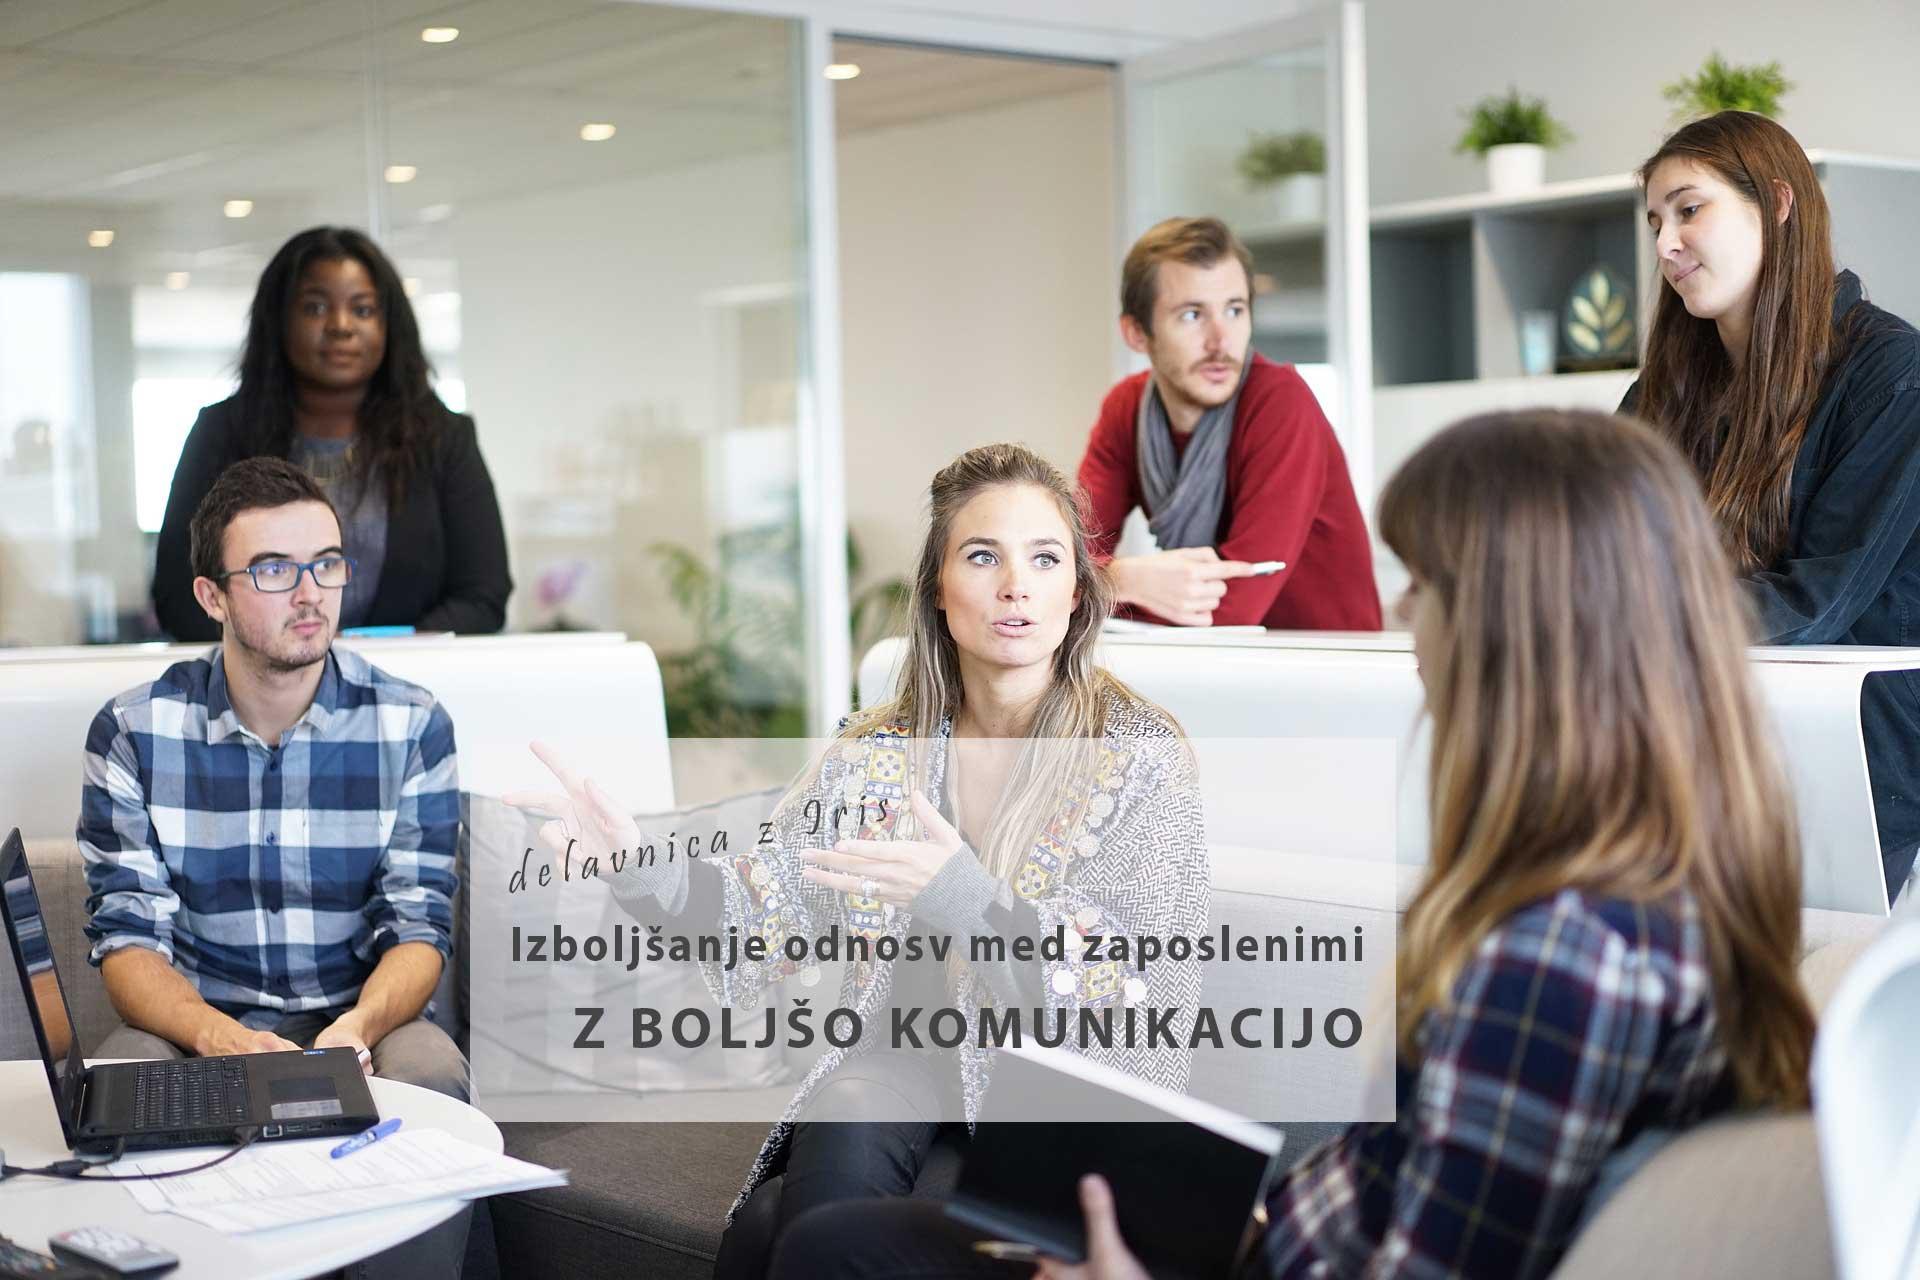 Izboljšanje odnosov med zaposlenimi